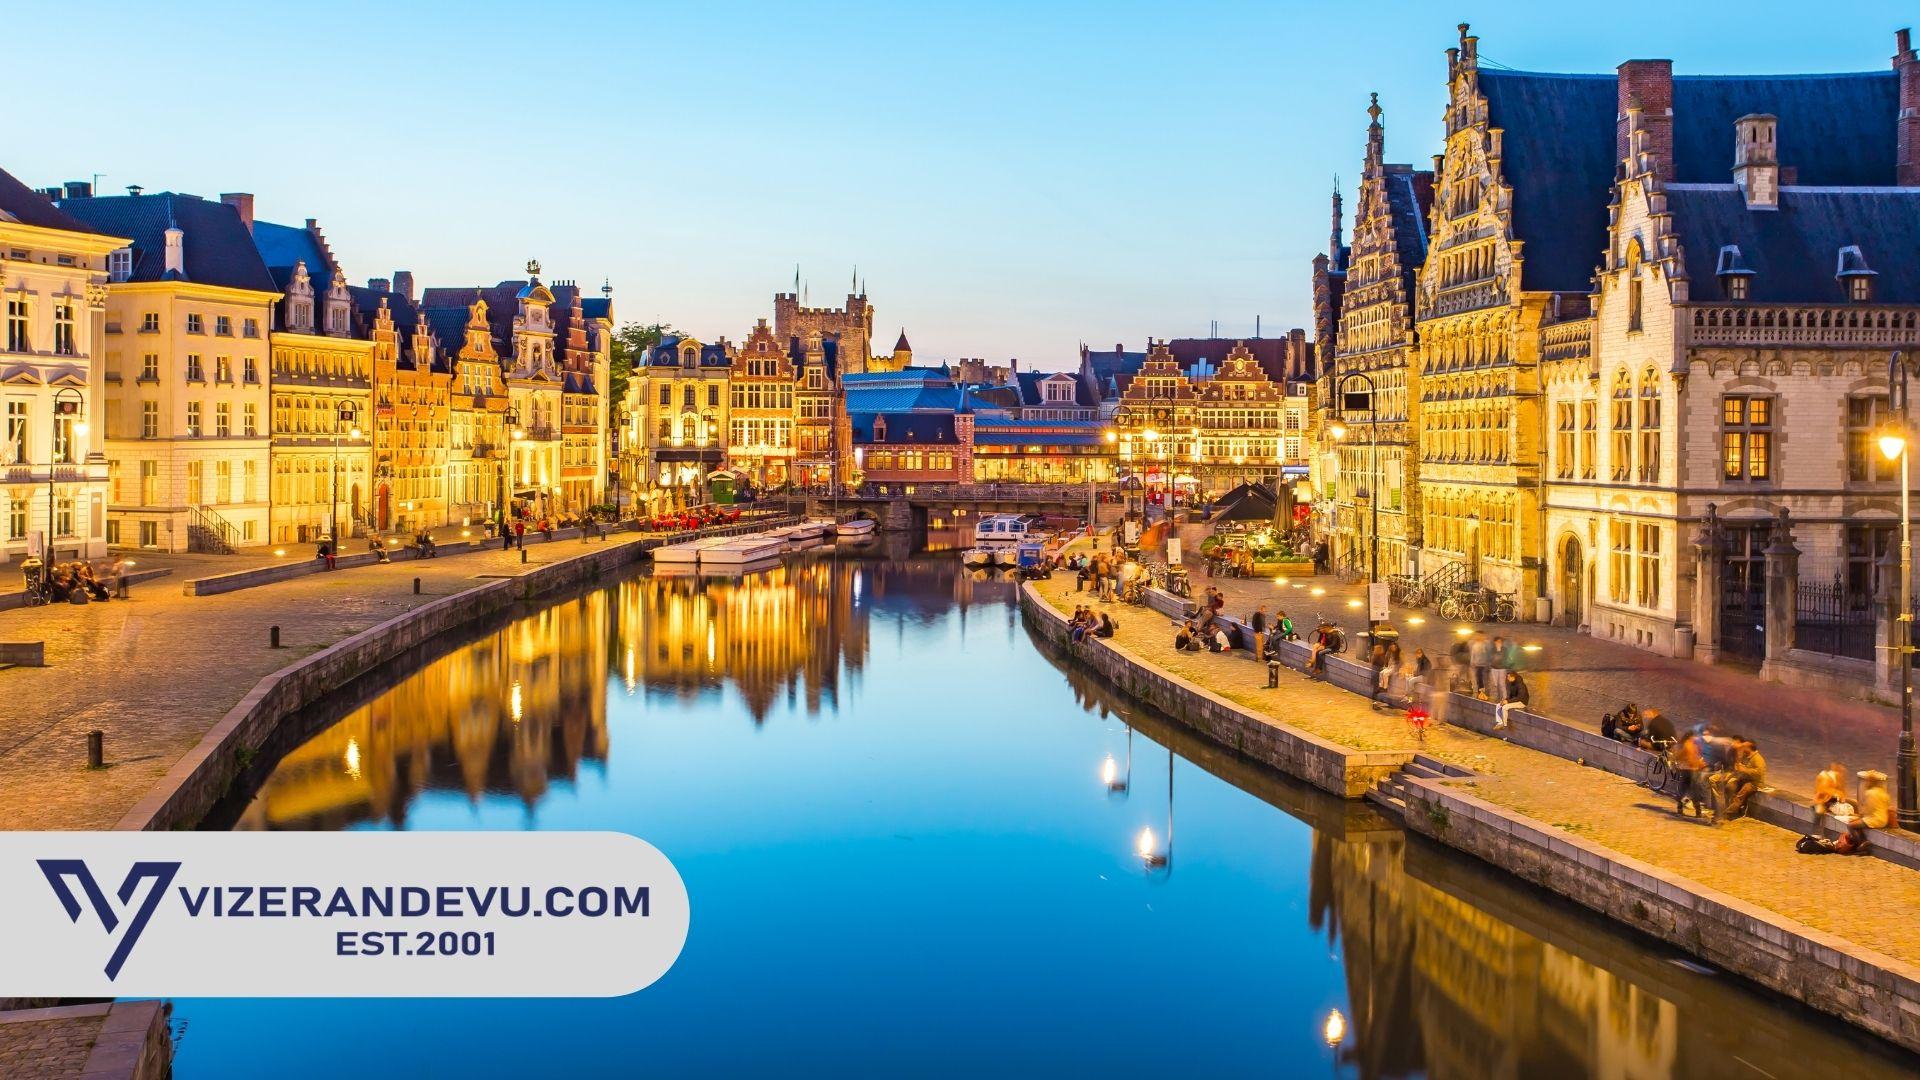 Belçika Vizesi: Randevu ve Başvuru (2021)